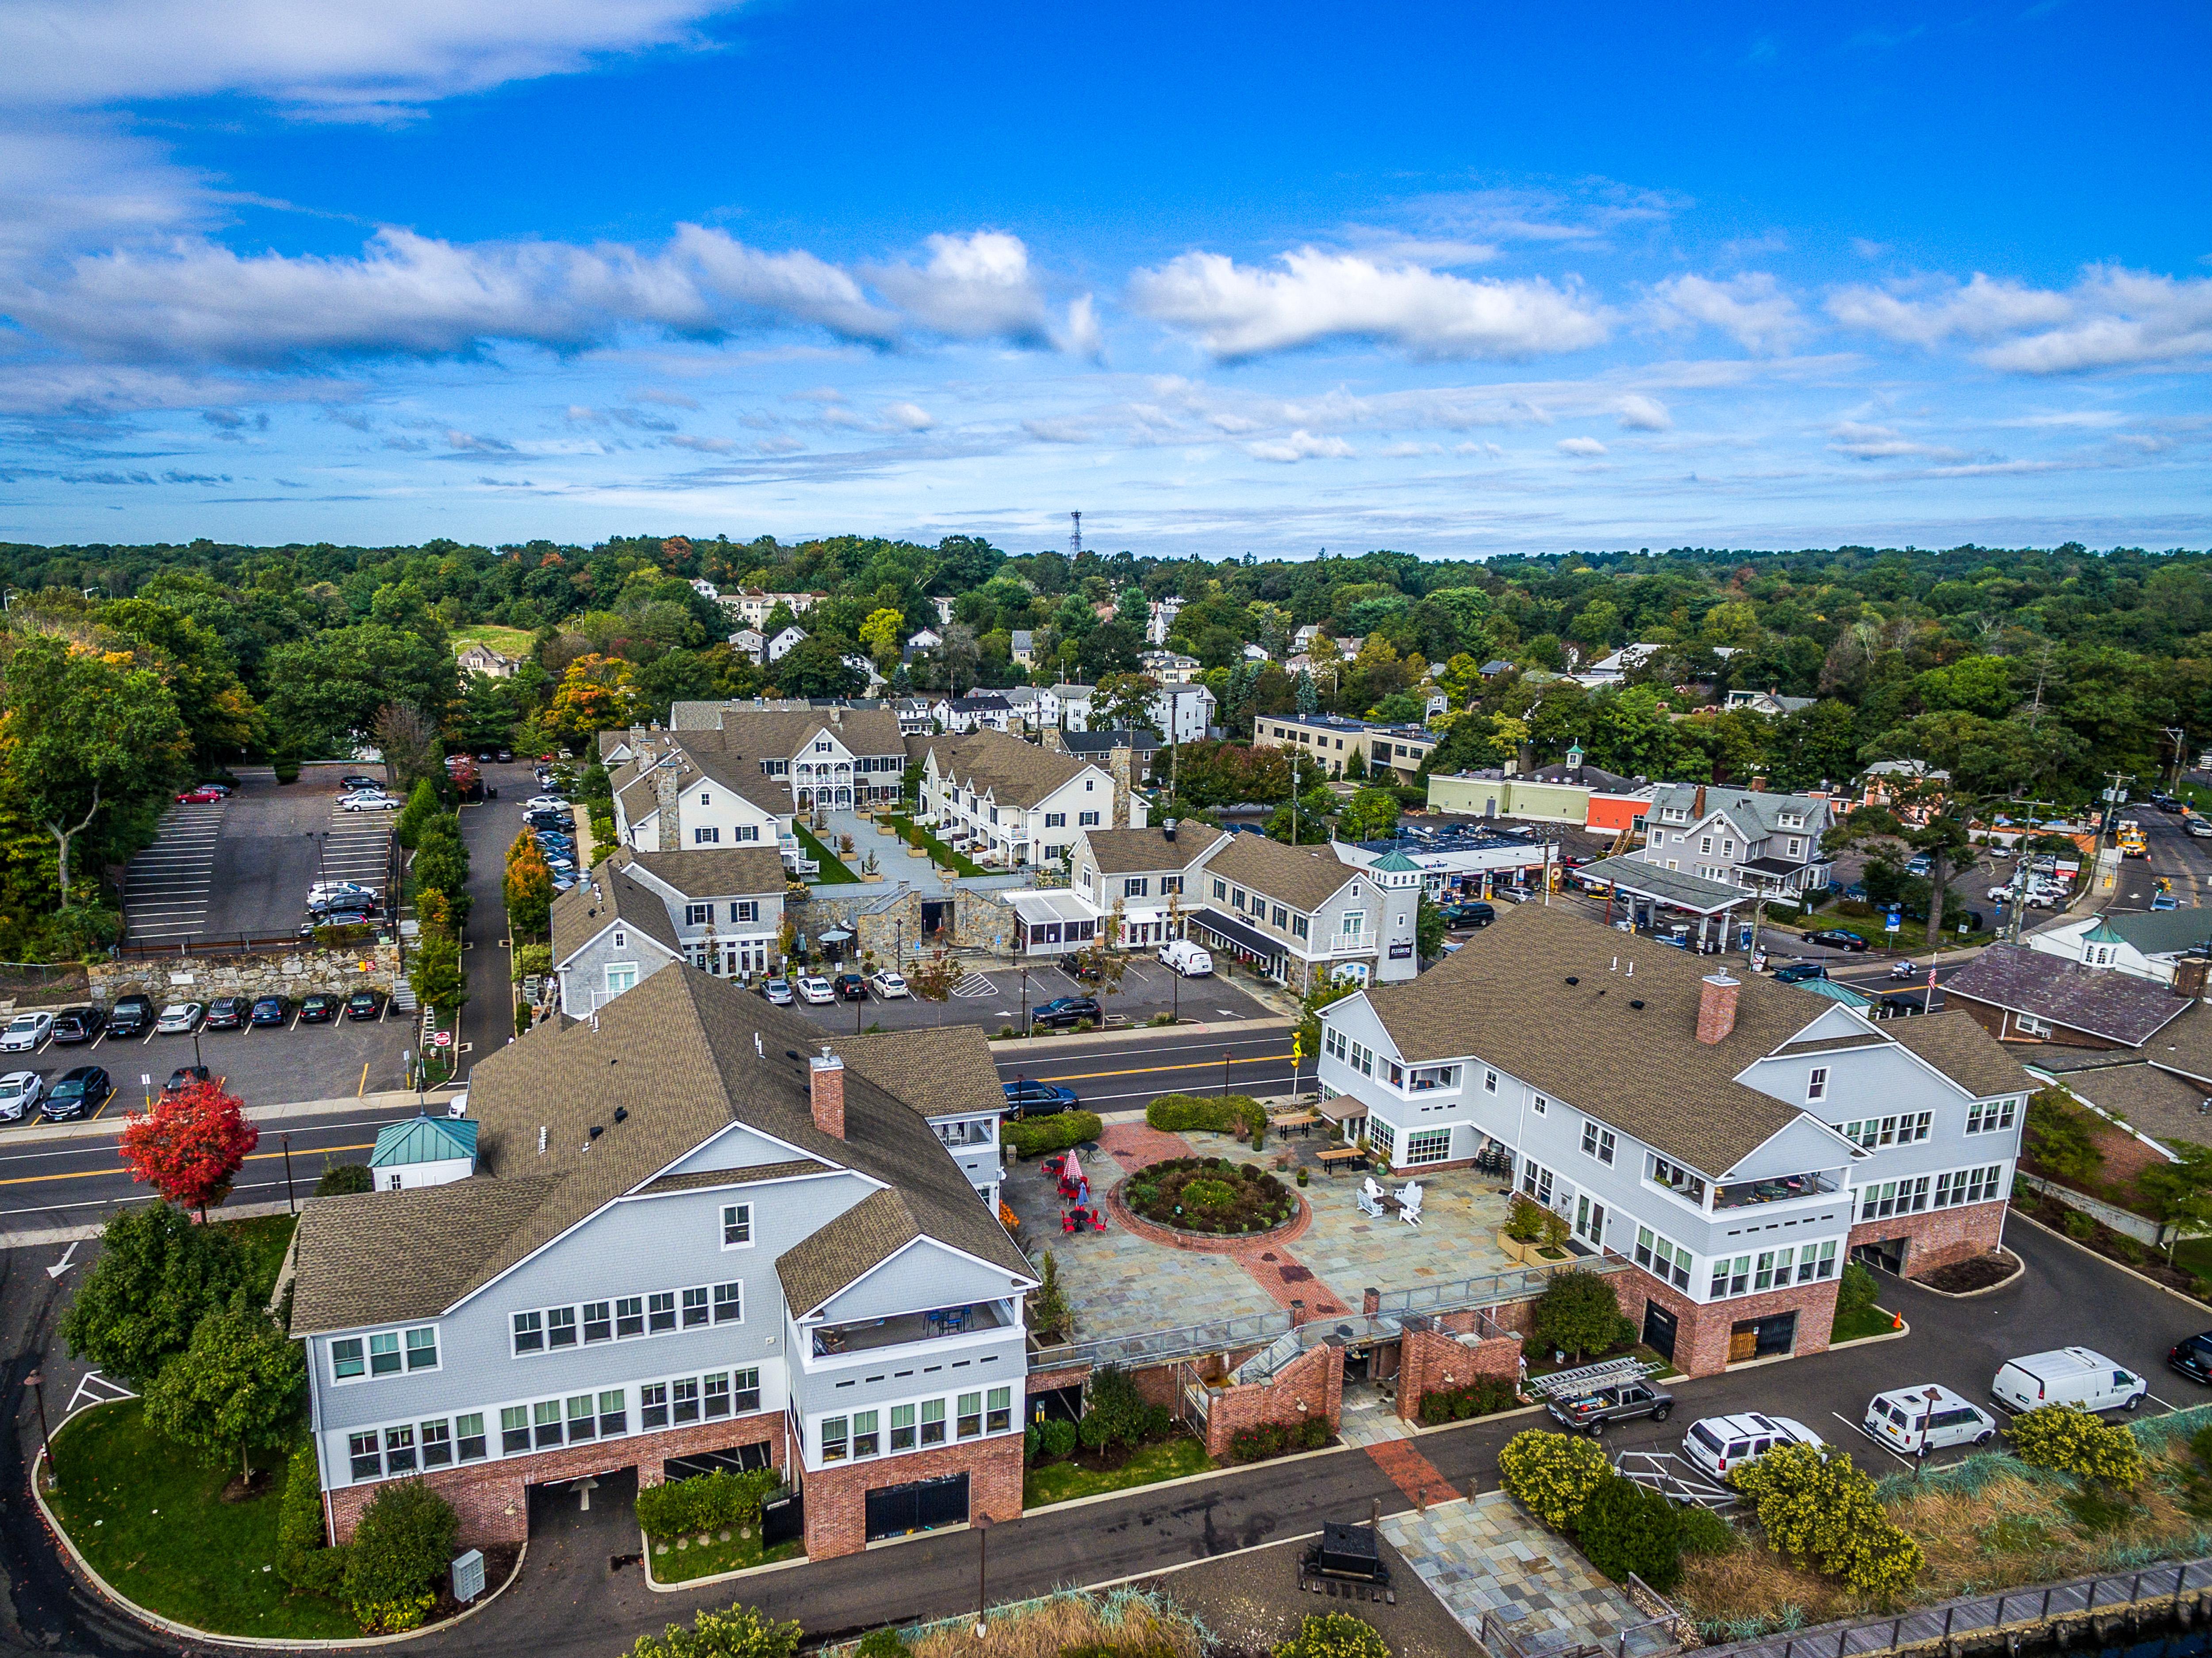 Saugatuck Center aerial